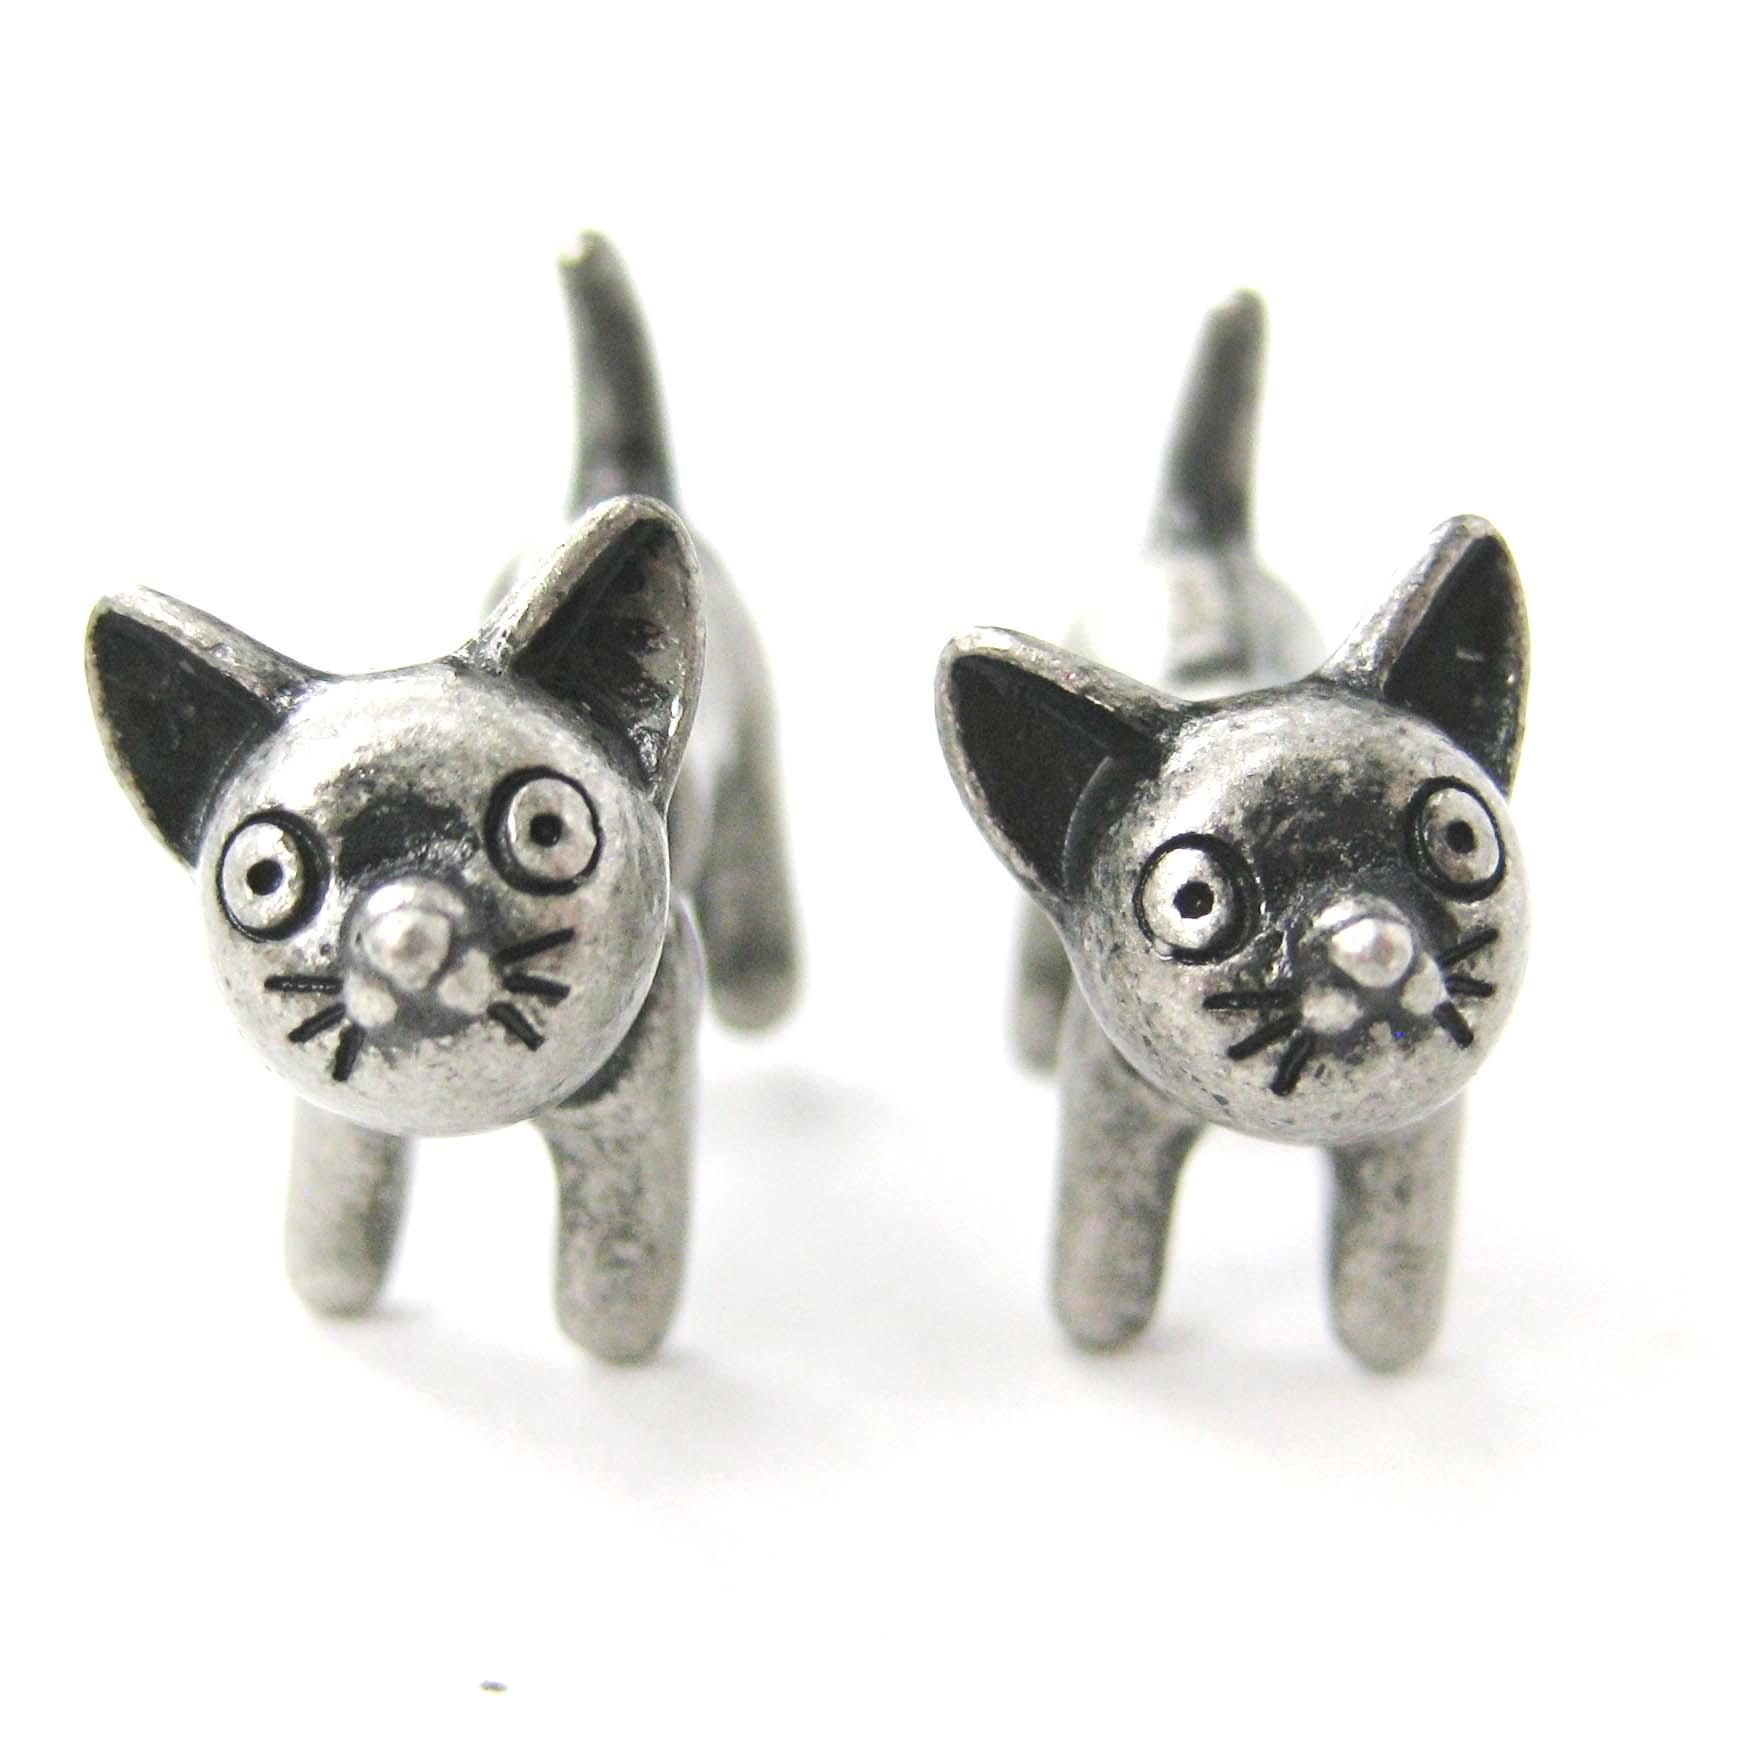 Anime Kitty Ears Animal Stud Earrings in